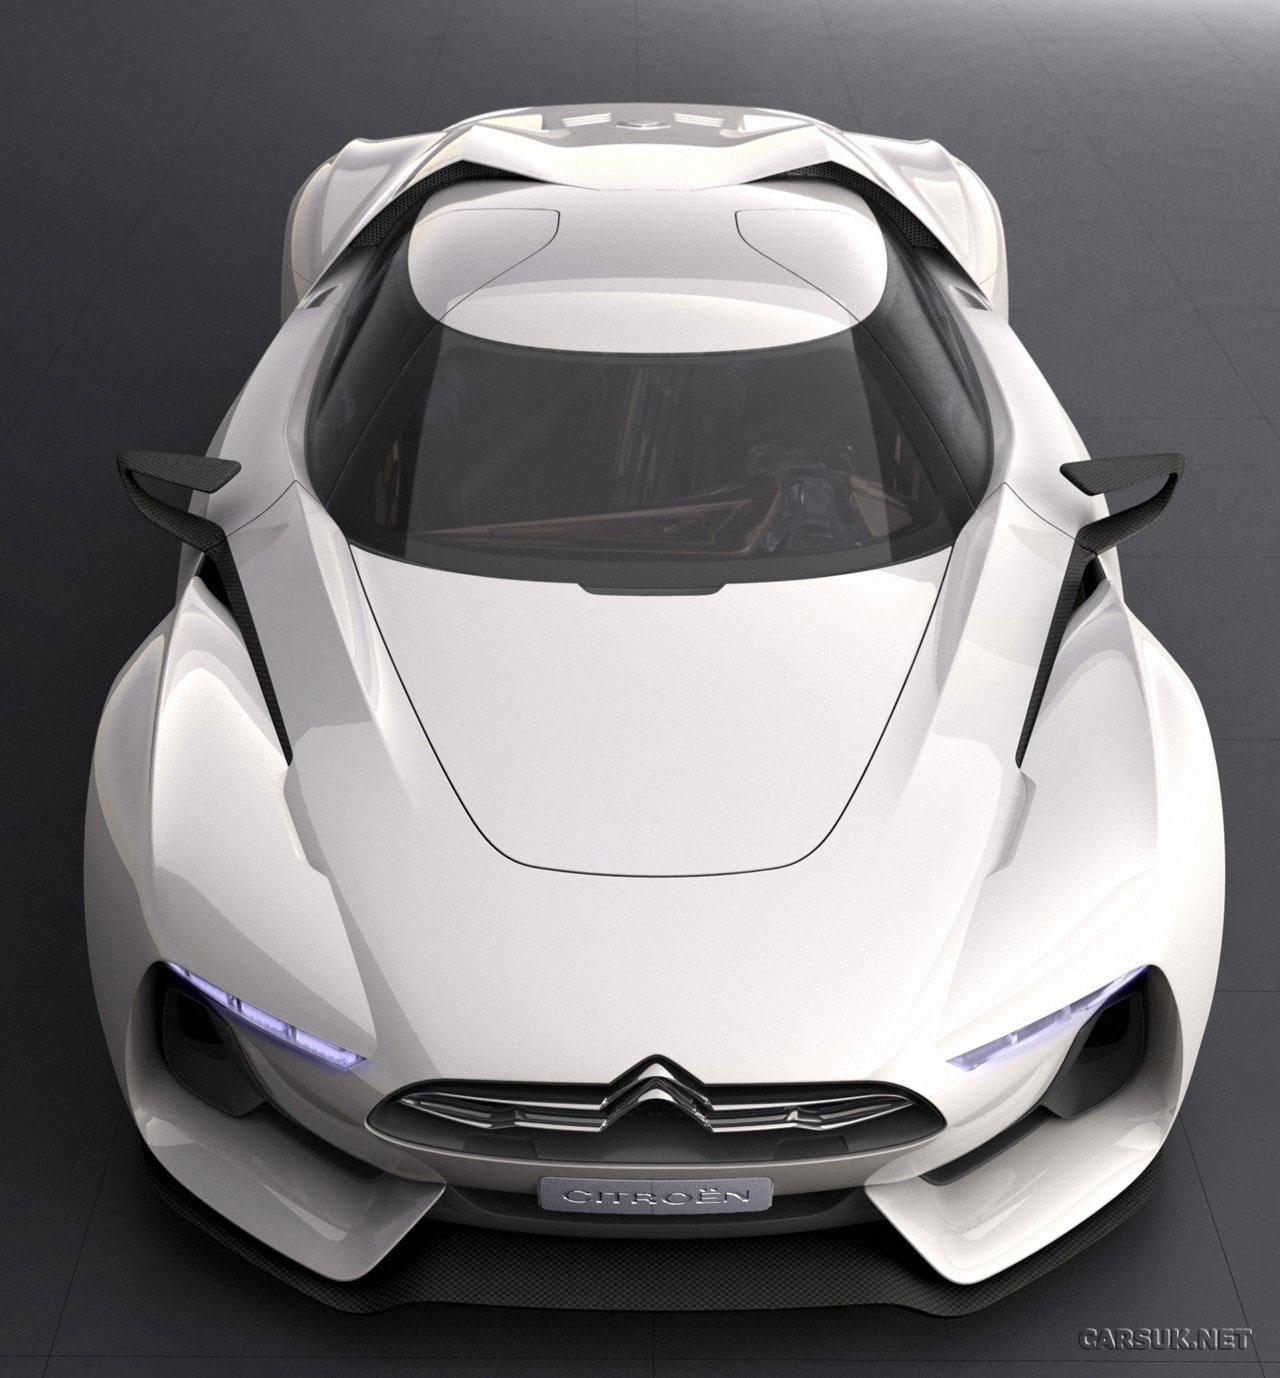 Citroen GT (GTbyCitroen Concept)